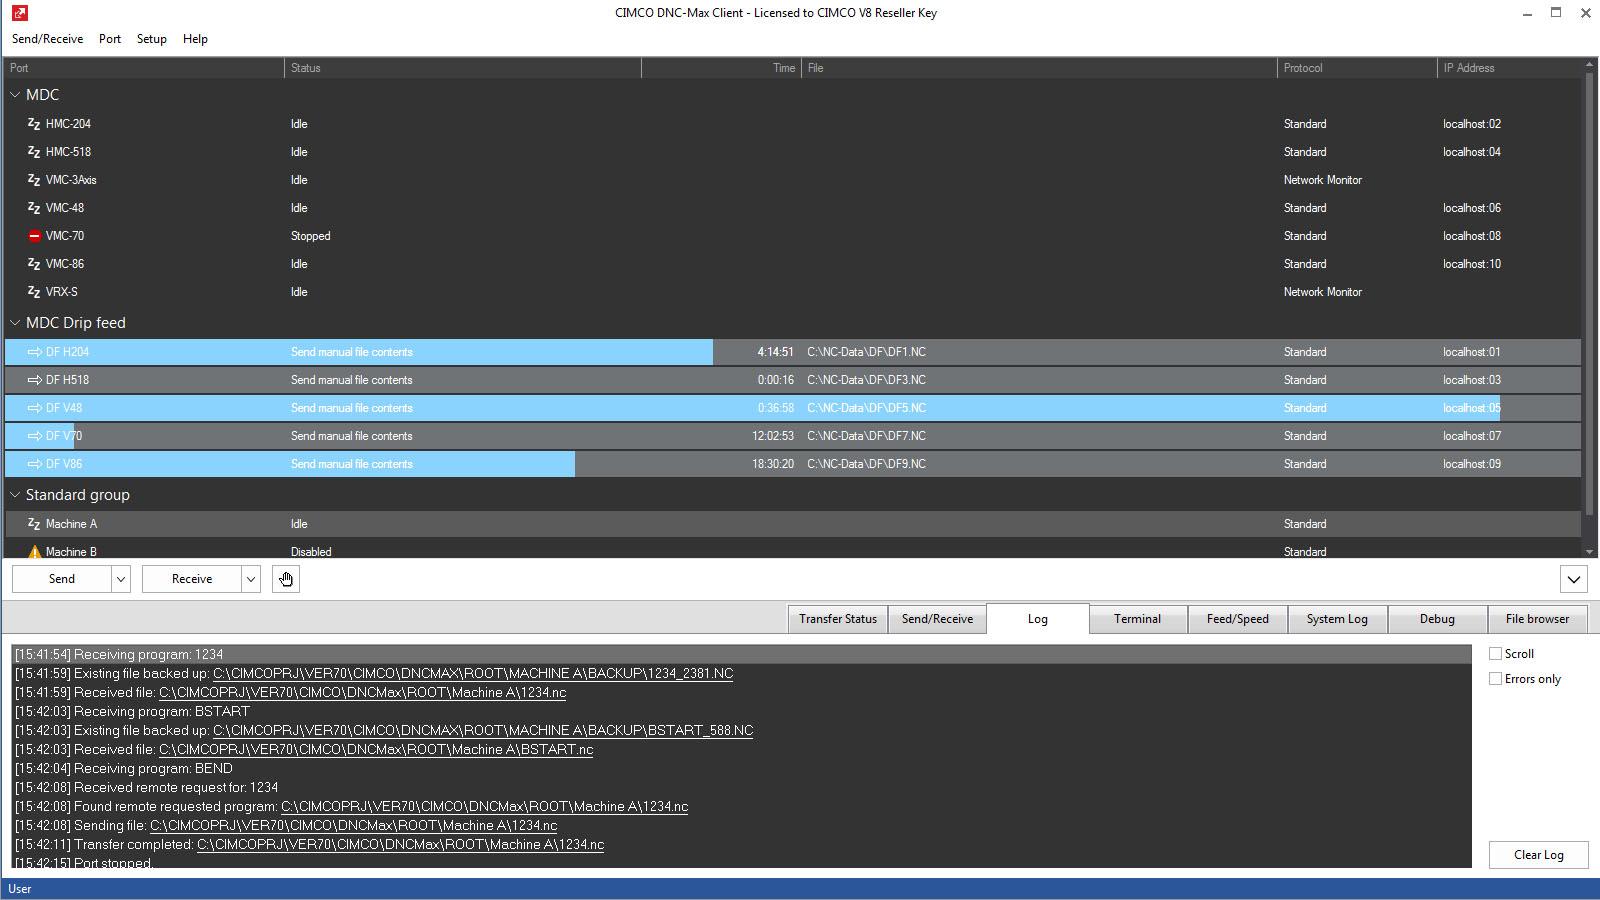 Zrzut ekranu oprogramowanie CIMCO DNC-Max PL